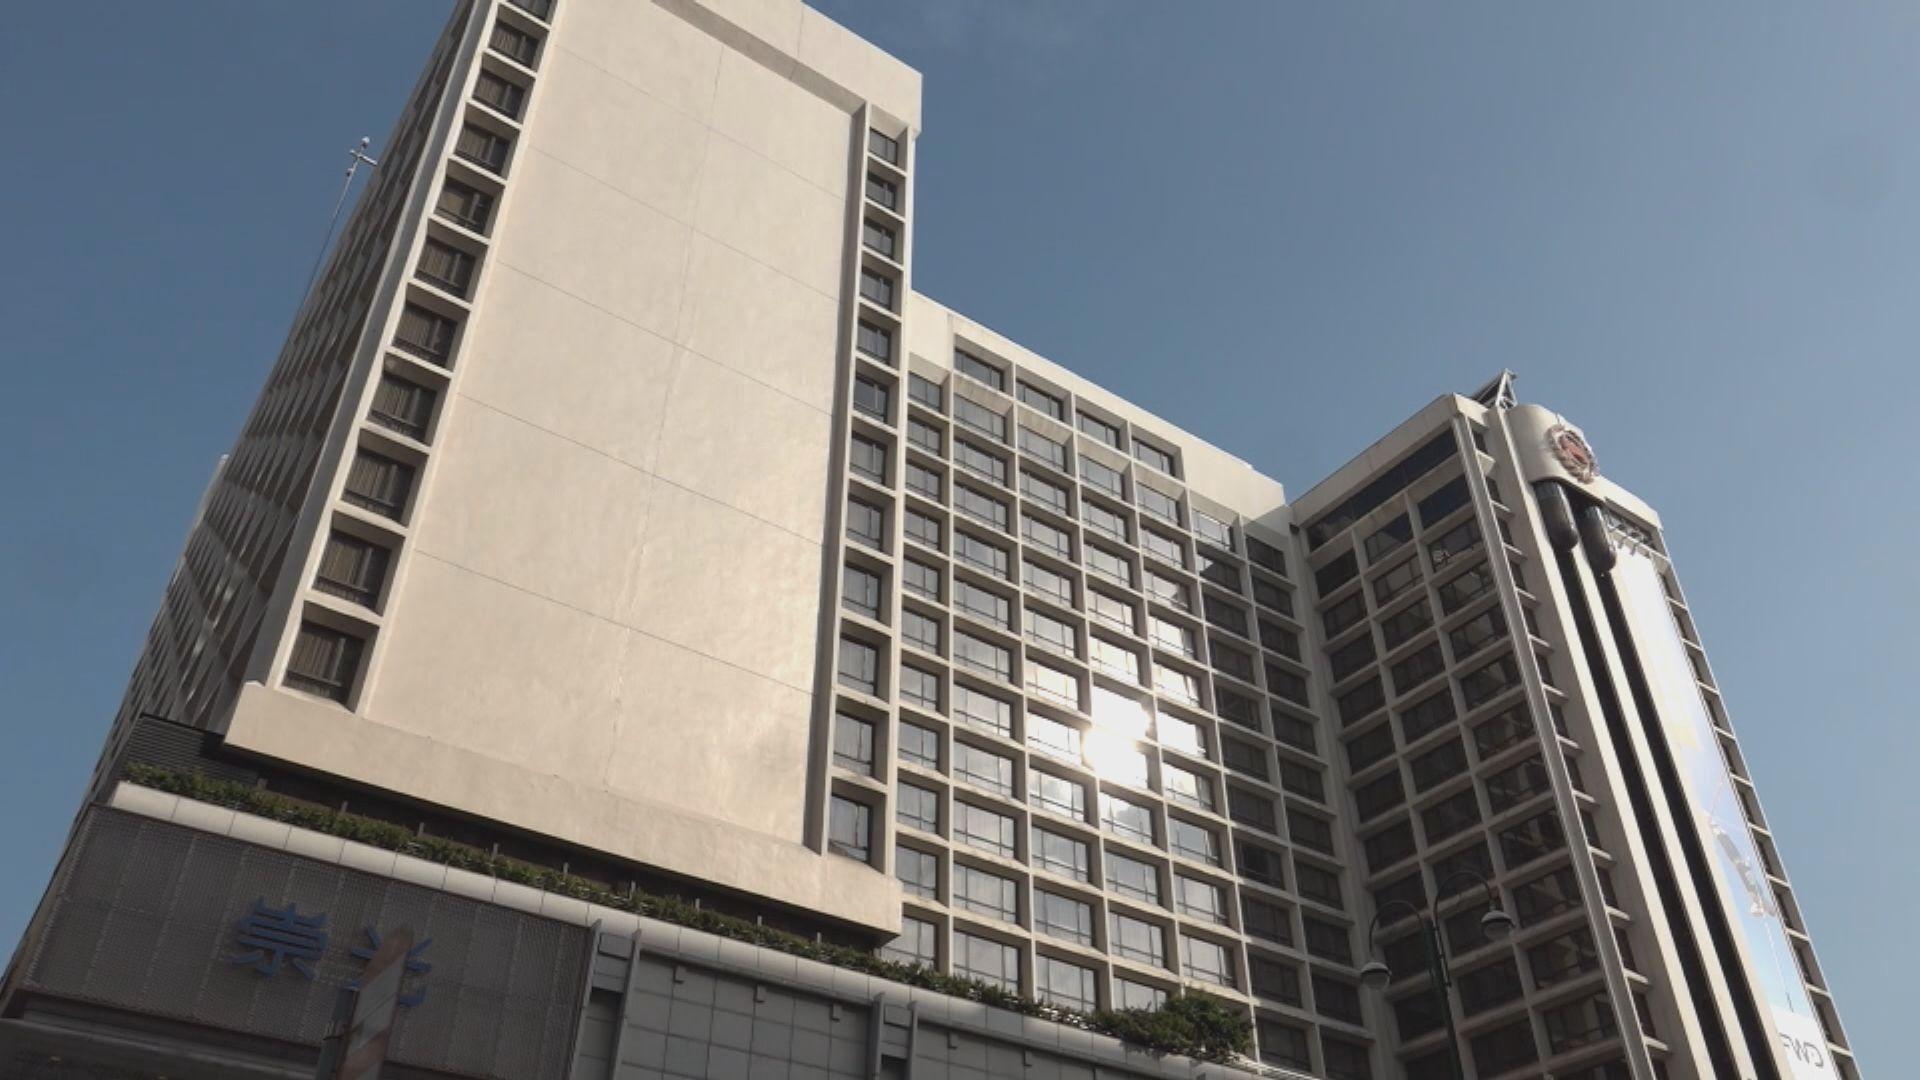 指定酒店下周轉作檢疫用途 業界指中價酒店訂房不理想